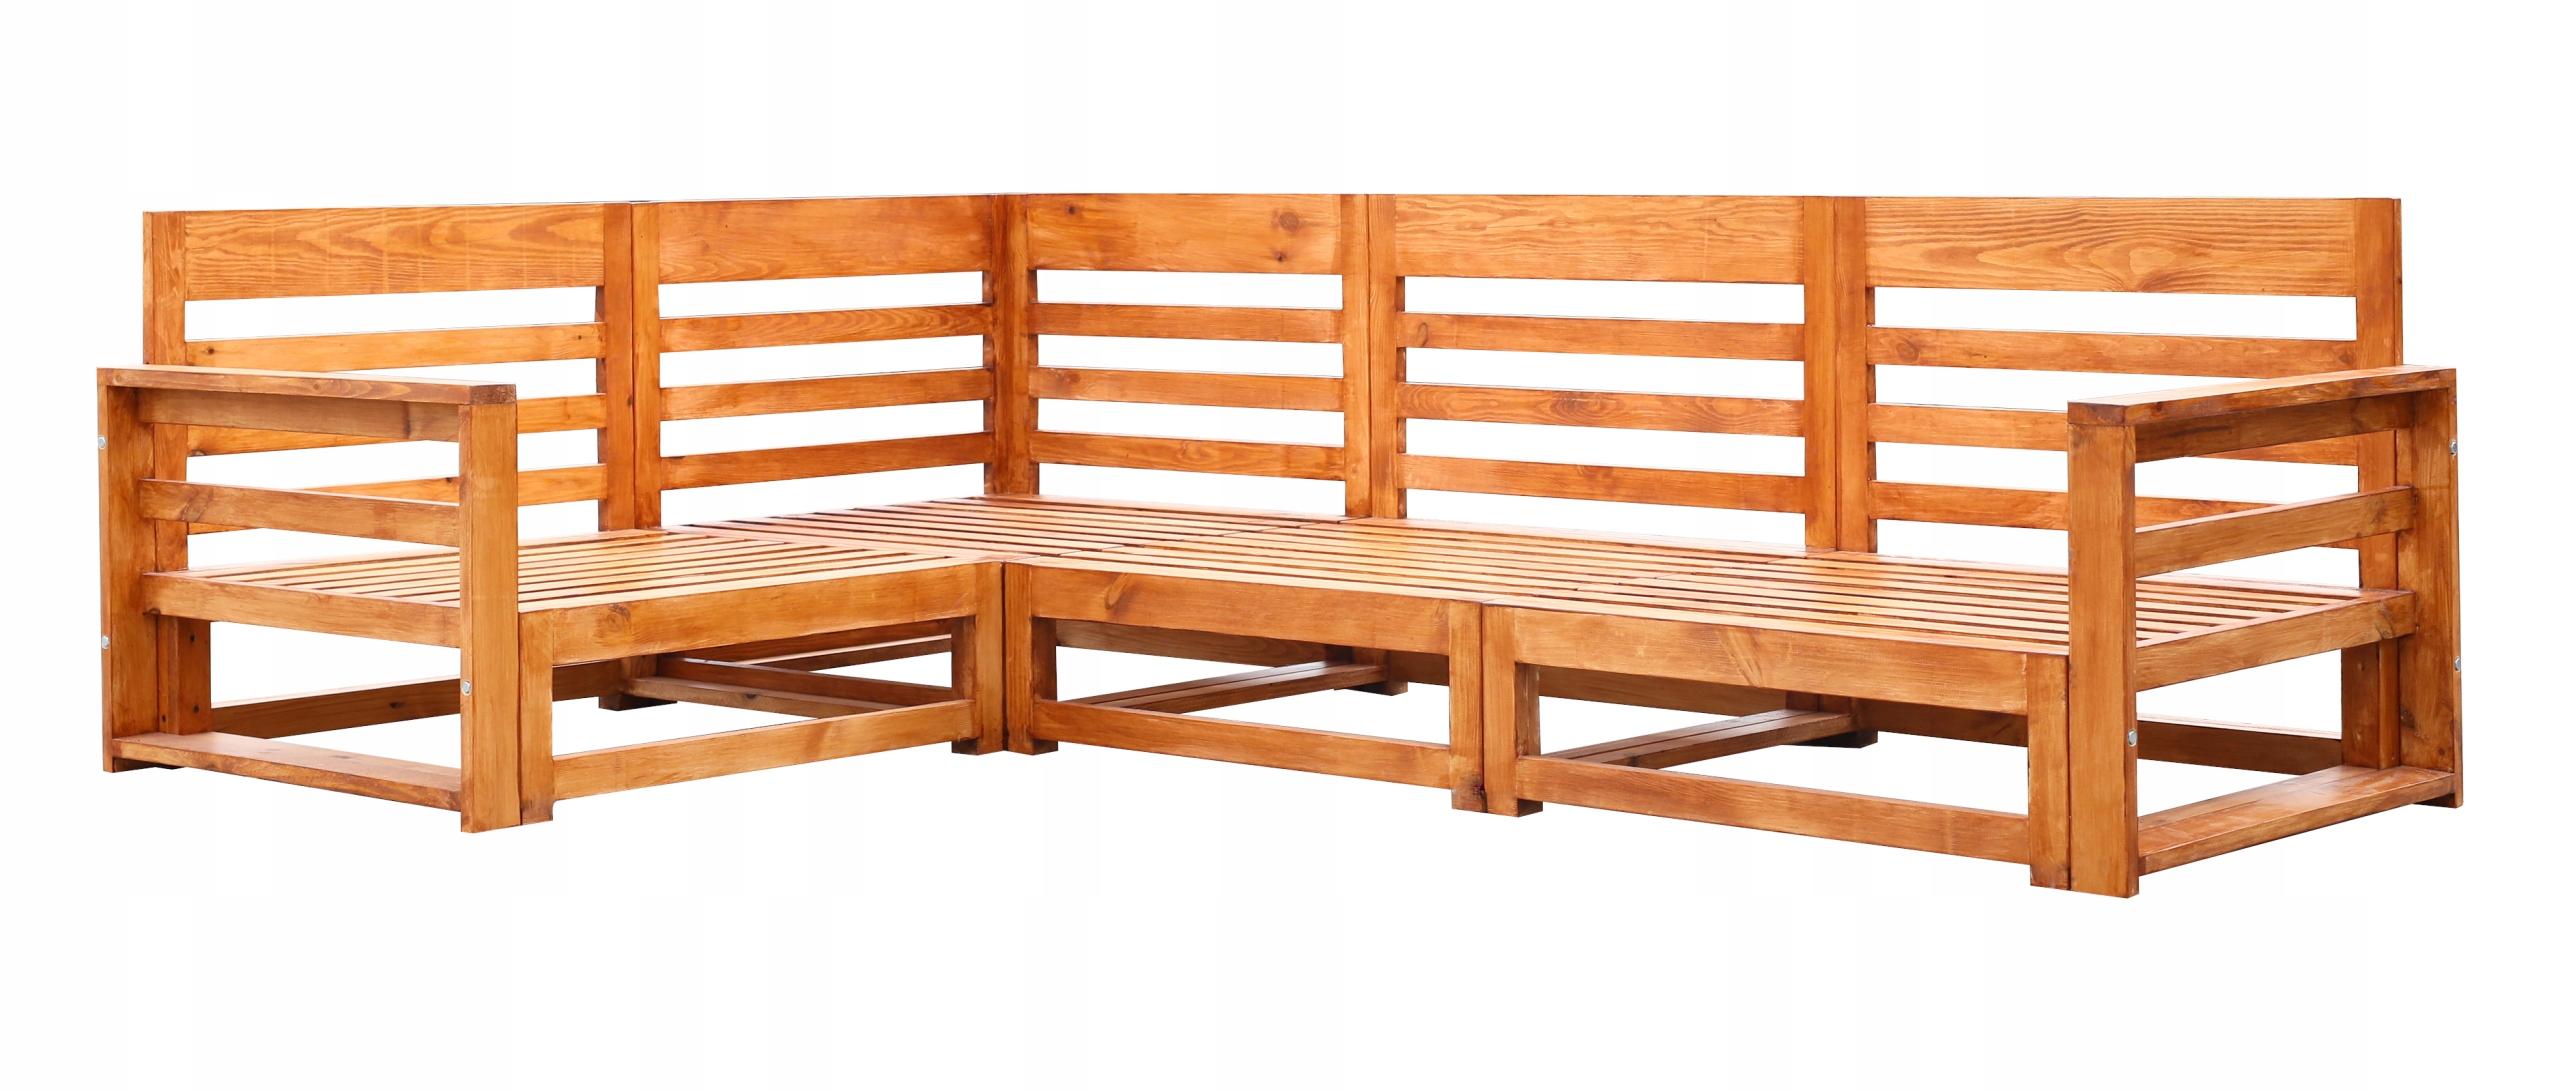 Sada záhradného nábytku z dreva 4-SEATOR + 2 LAVICE Zamýšľané použitie: sedacia súprava